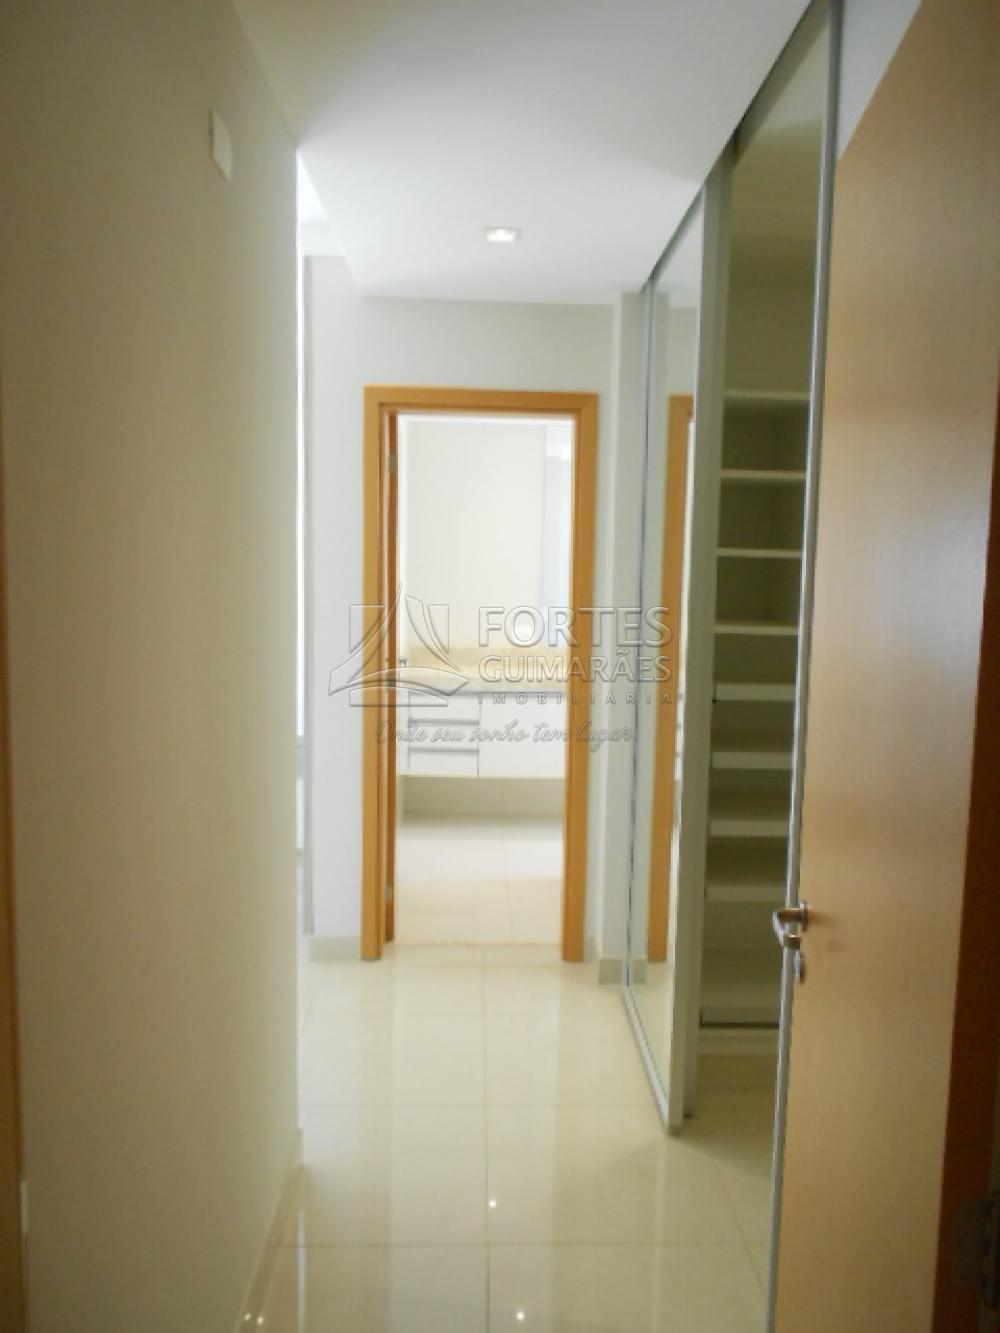 Alugar Apartamentos / Padrão em Ribeirão Preto apenas R$ 8.500,00 - Foto 41